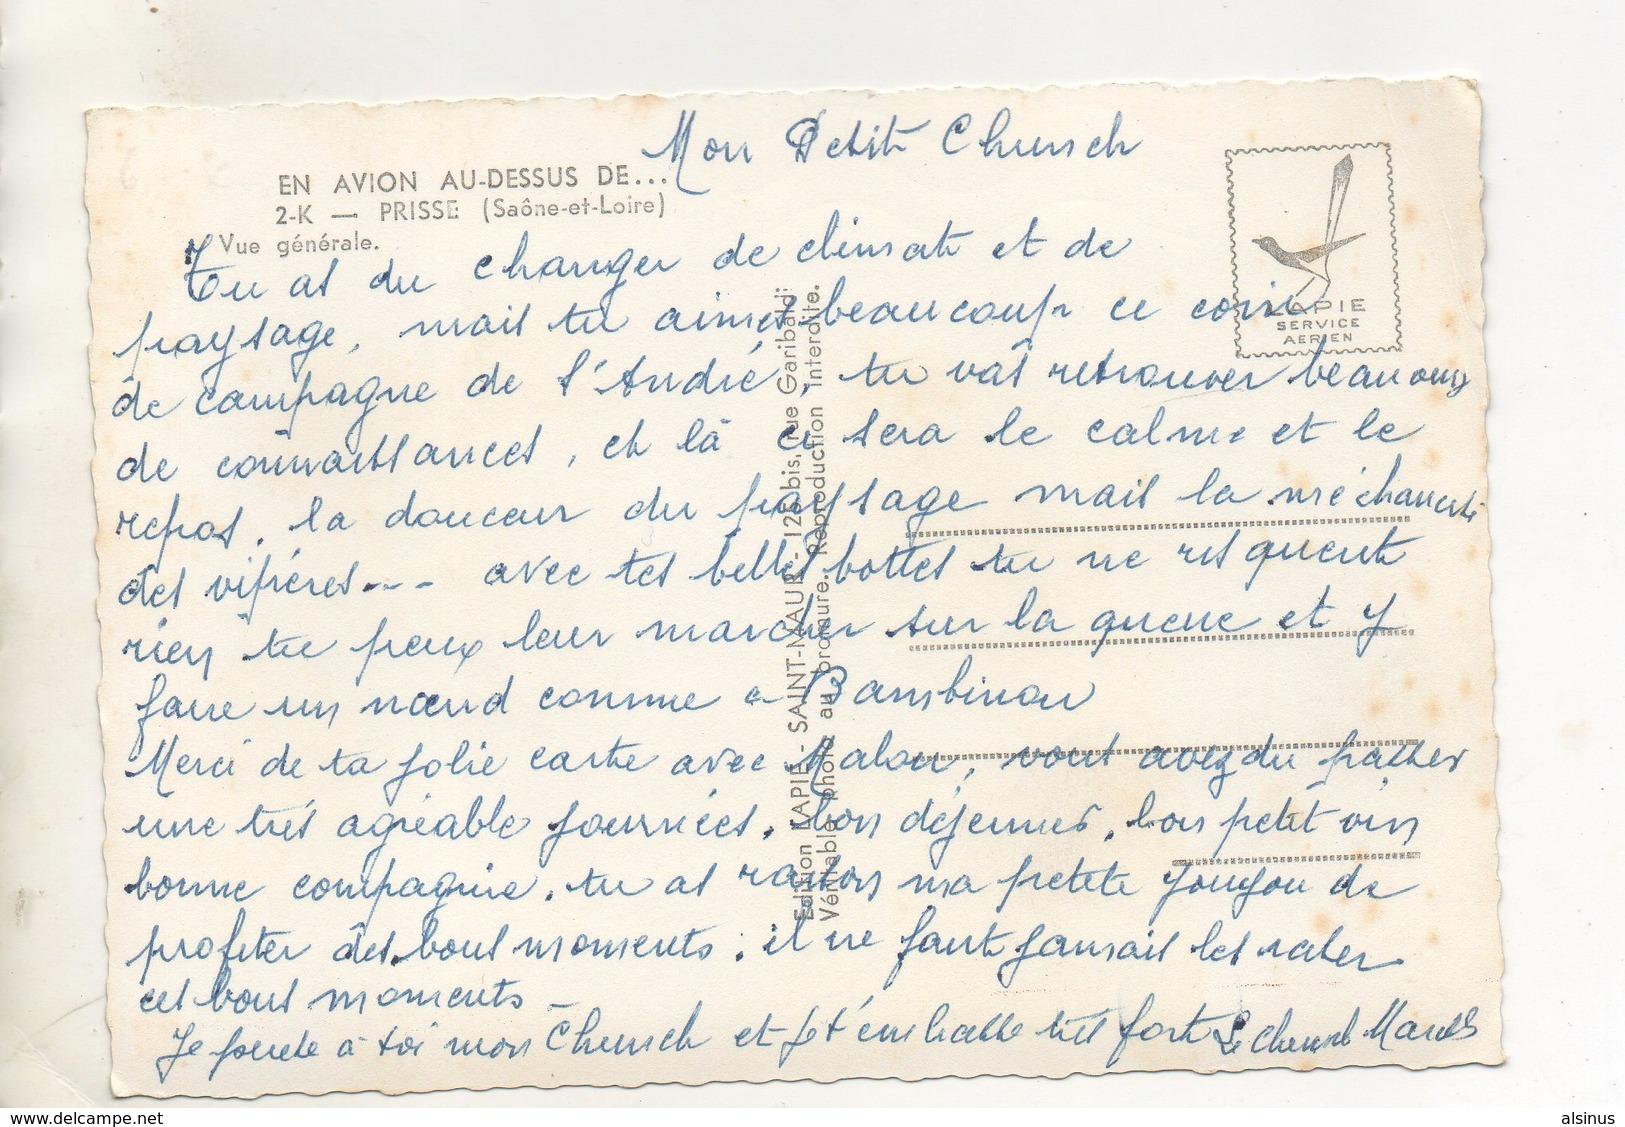 71 - PRISSE - EN AVION AU DESSUS DE - VUE GENERALE - France